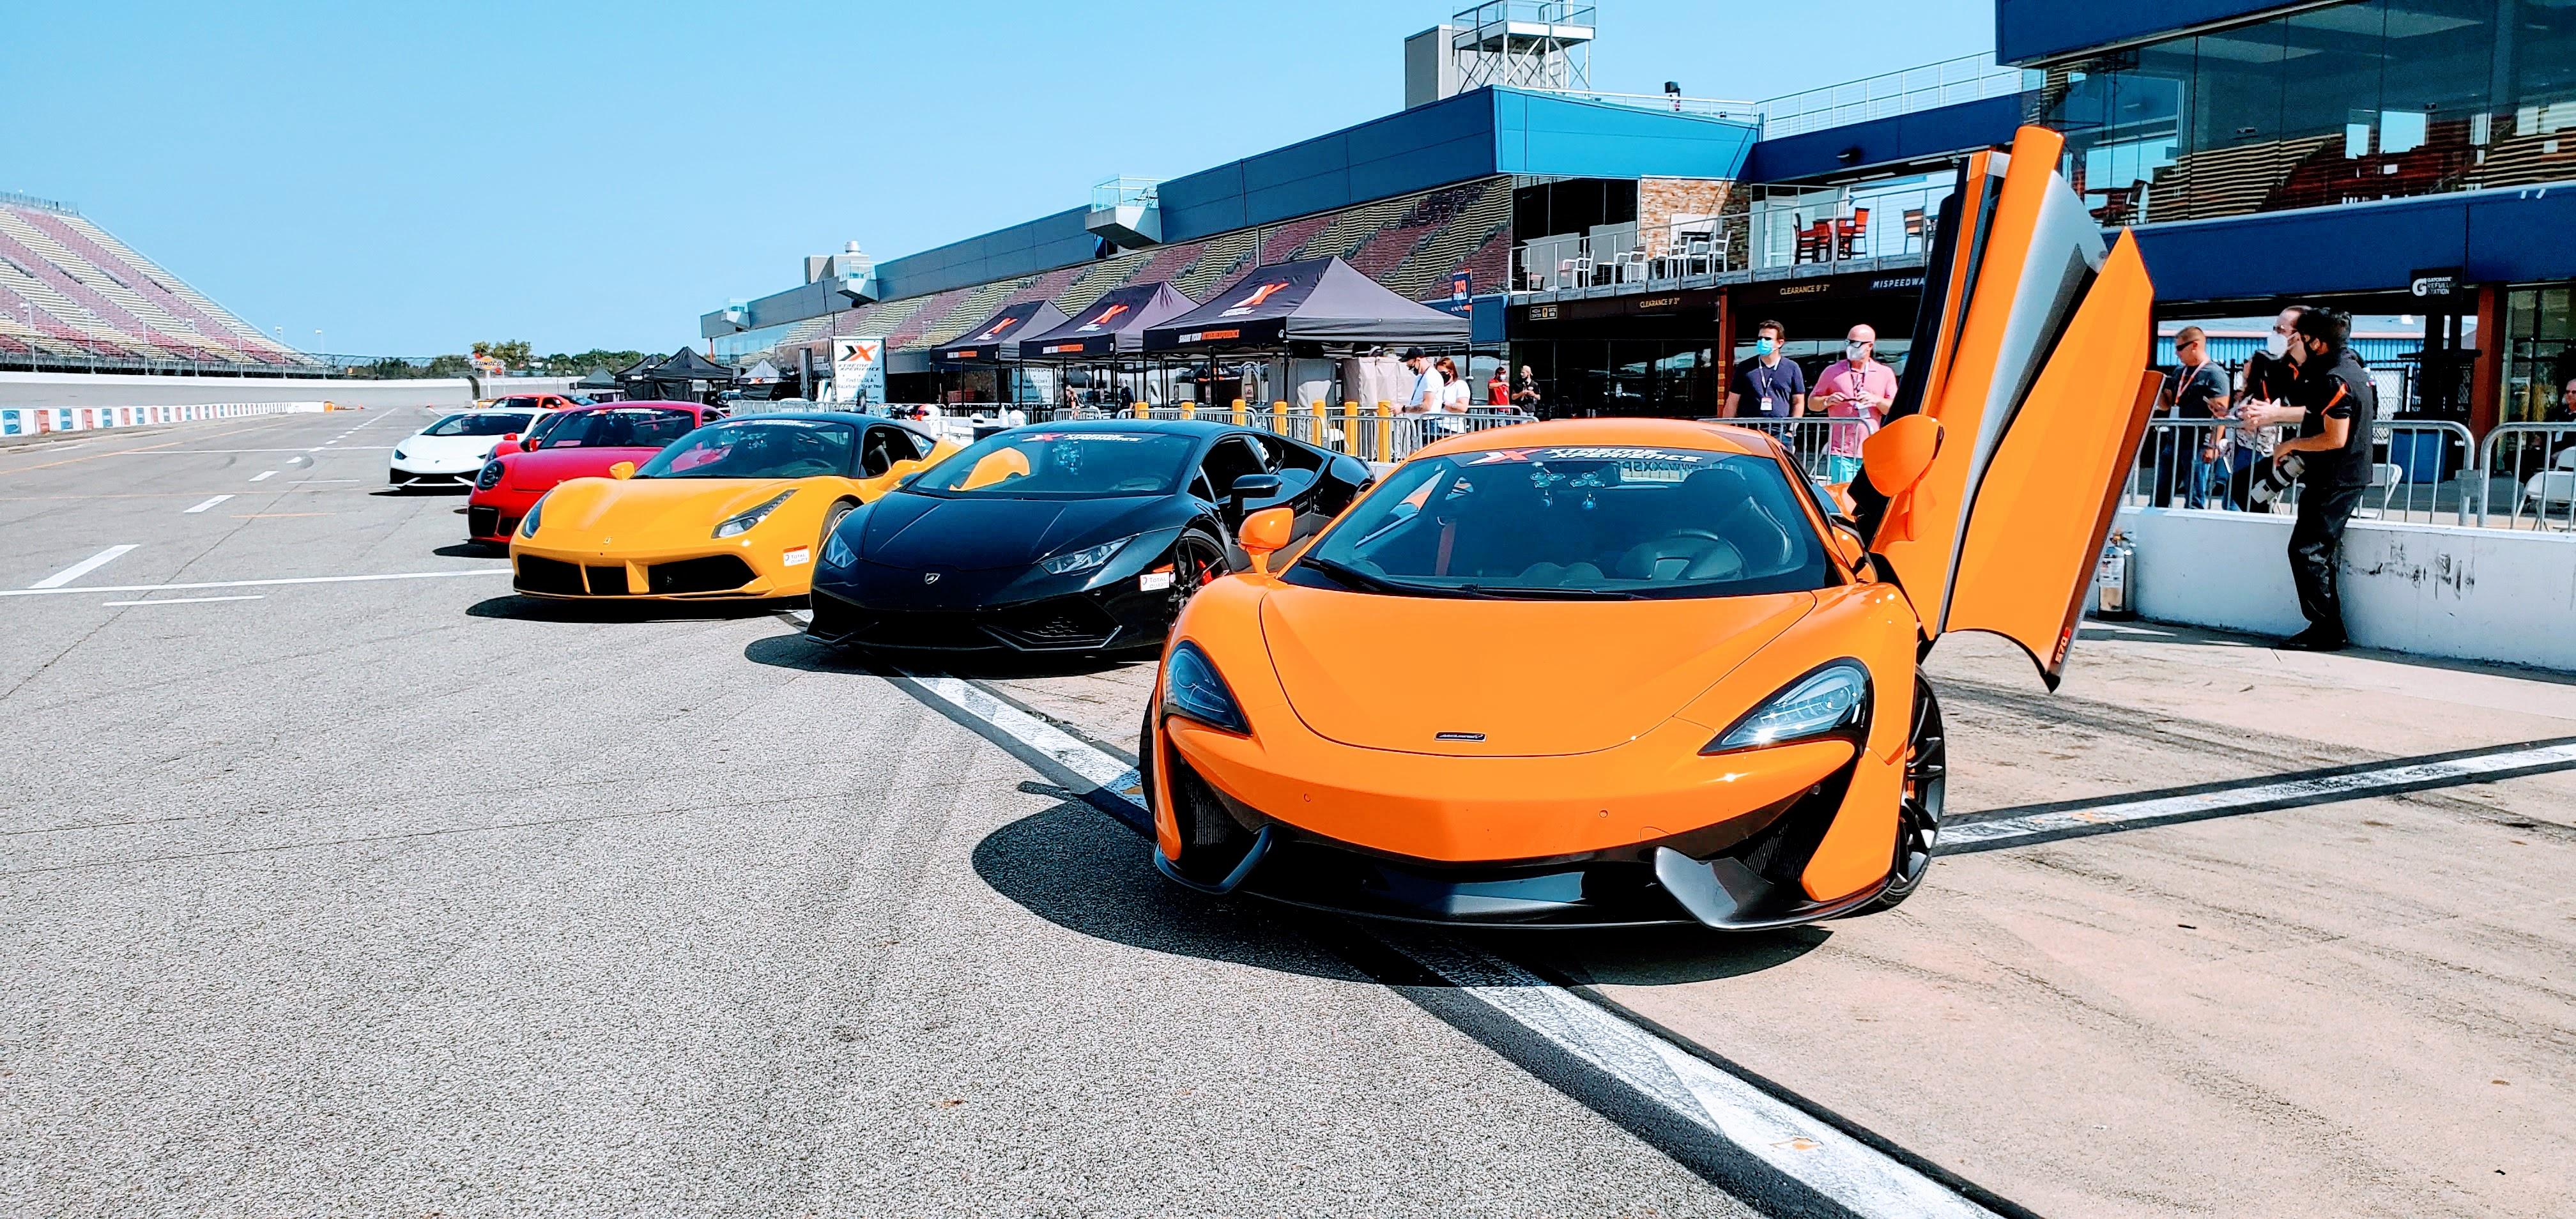 xtreme xperience racing Lamborghini mclaren ferrari porsche